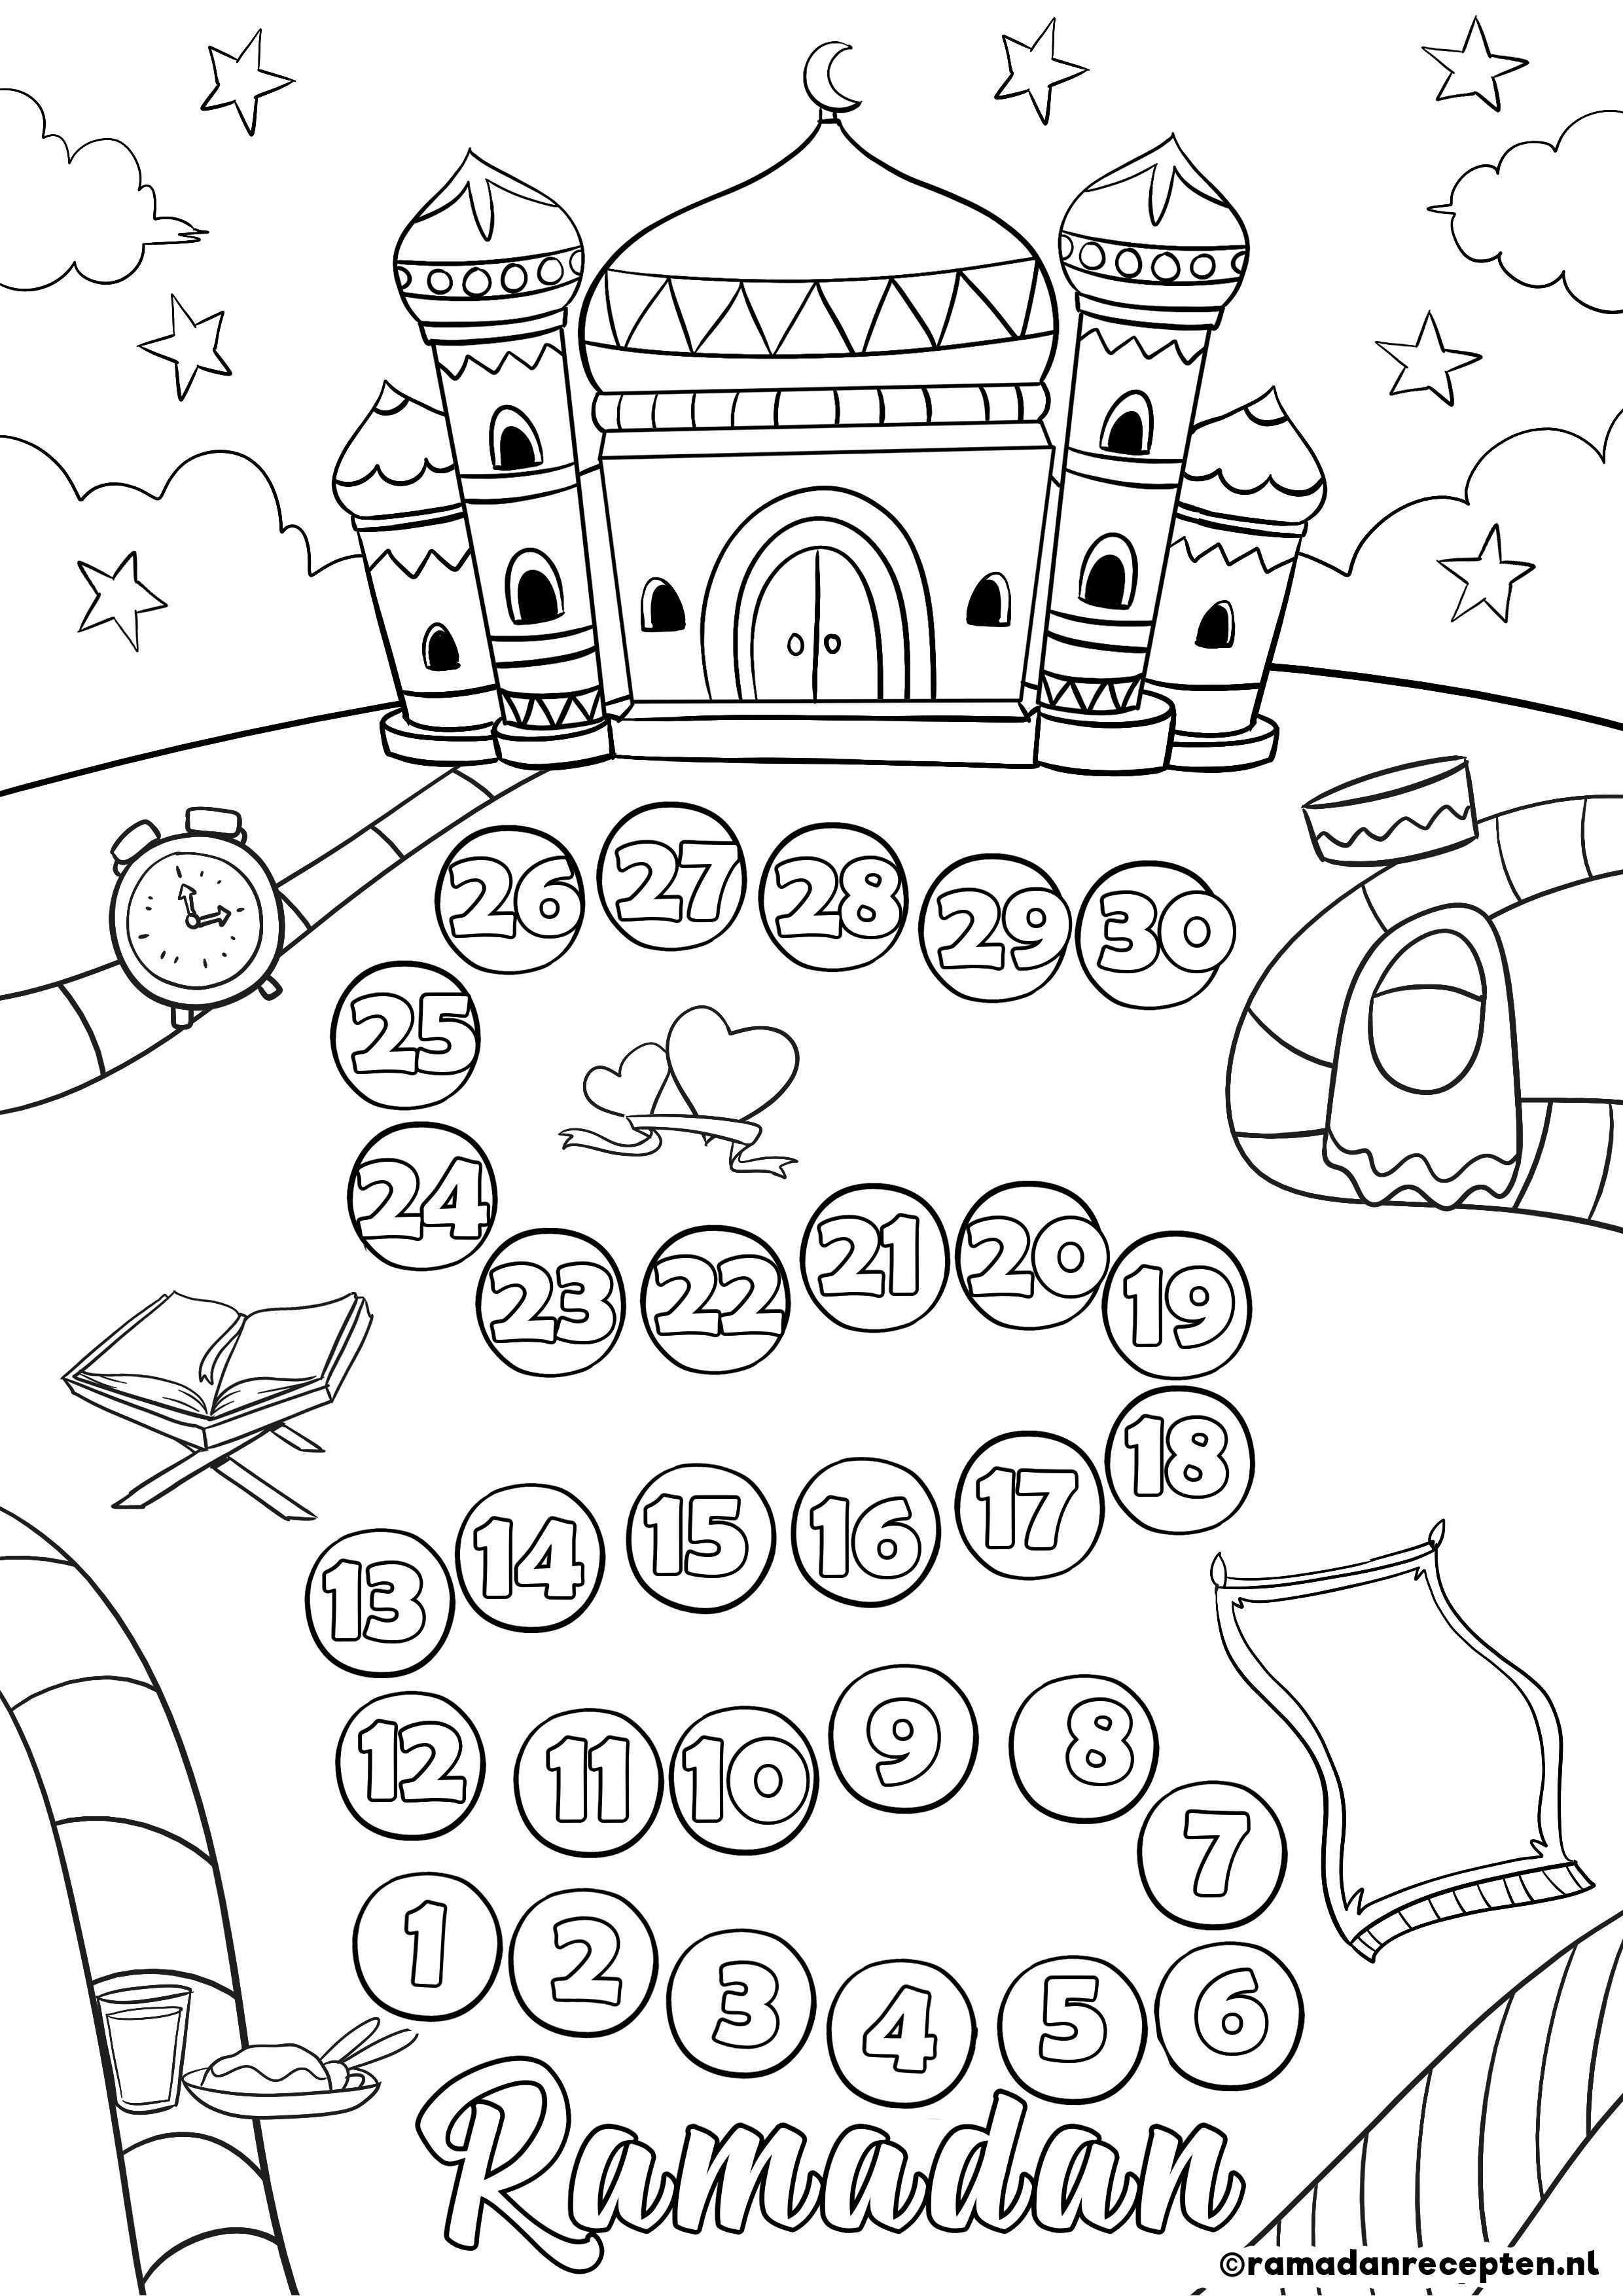 Awesome Coloring Pages For Ramadan Ramadan Kids Ramadan Activities Ramadan Decorations Printables